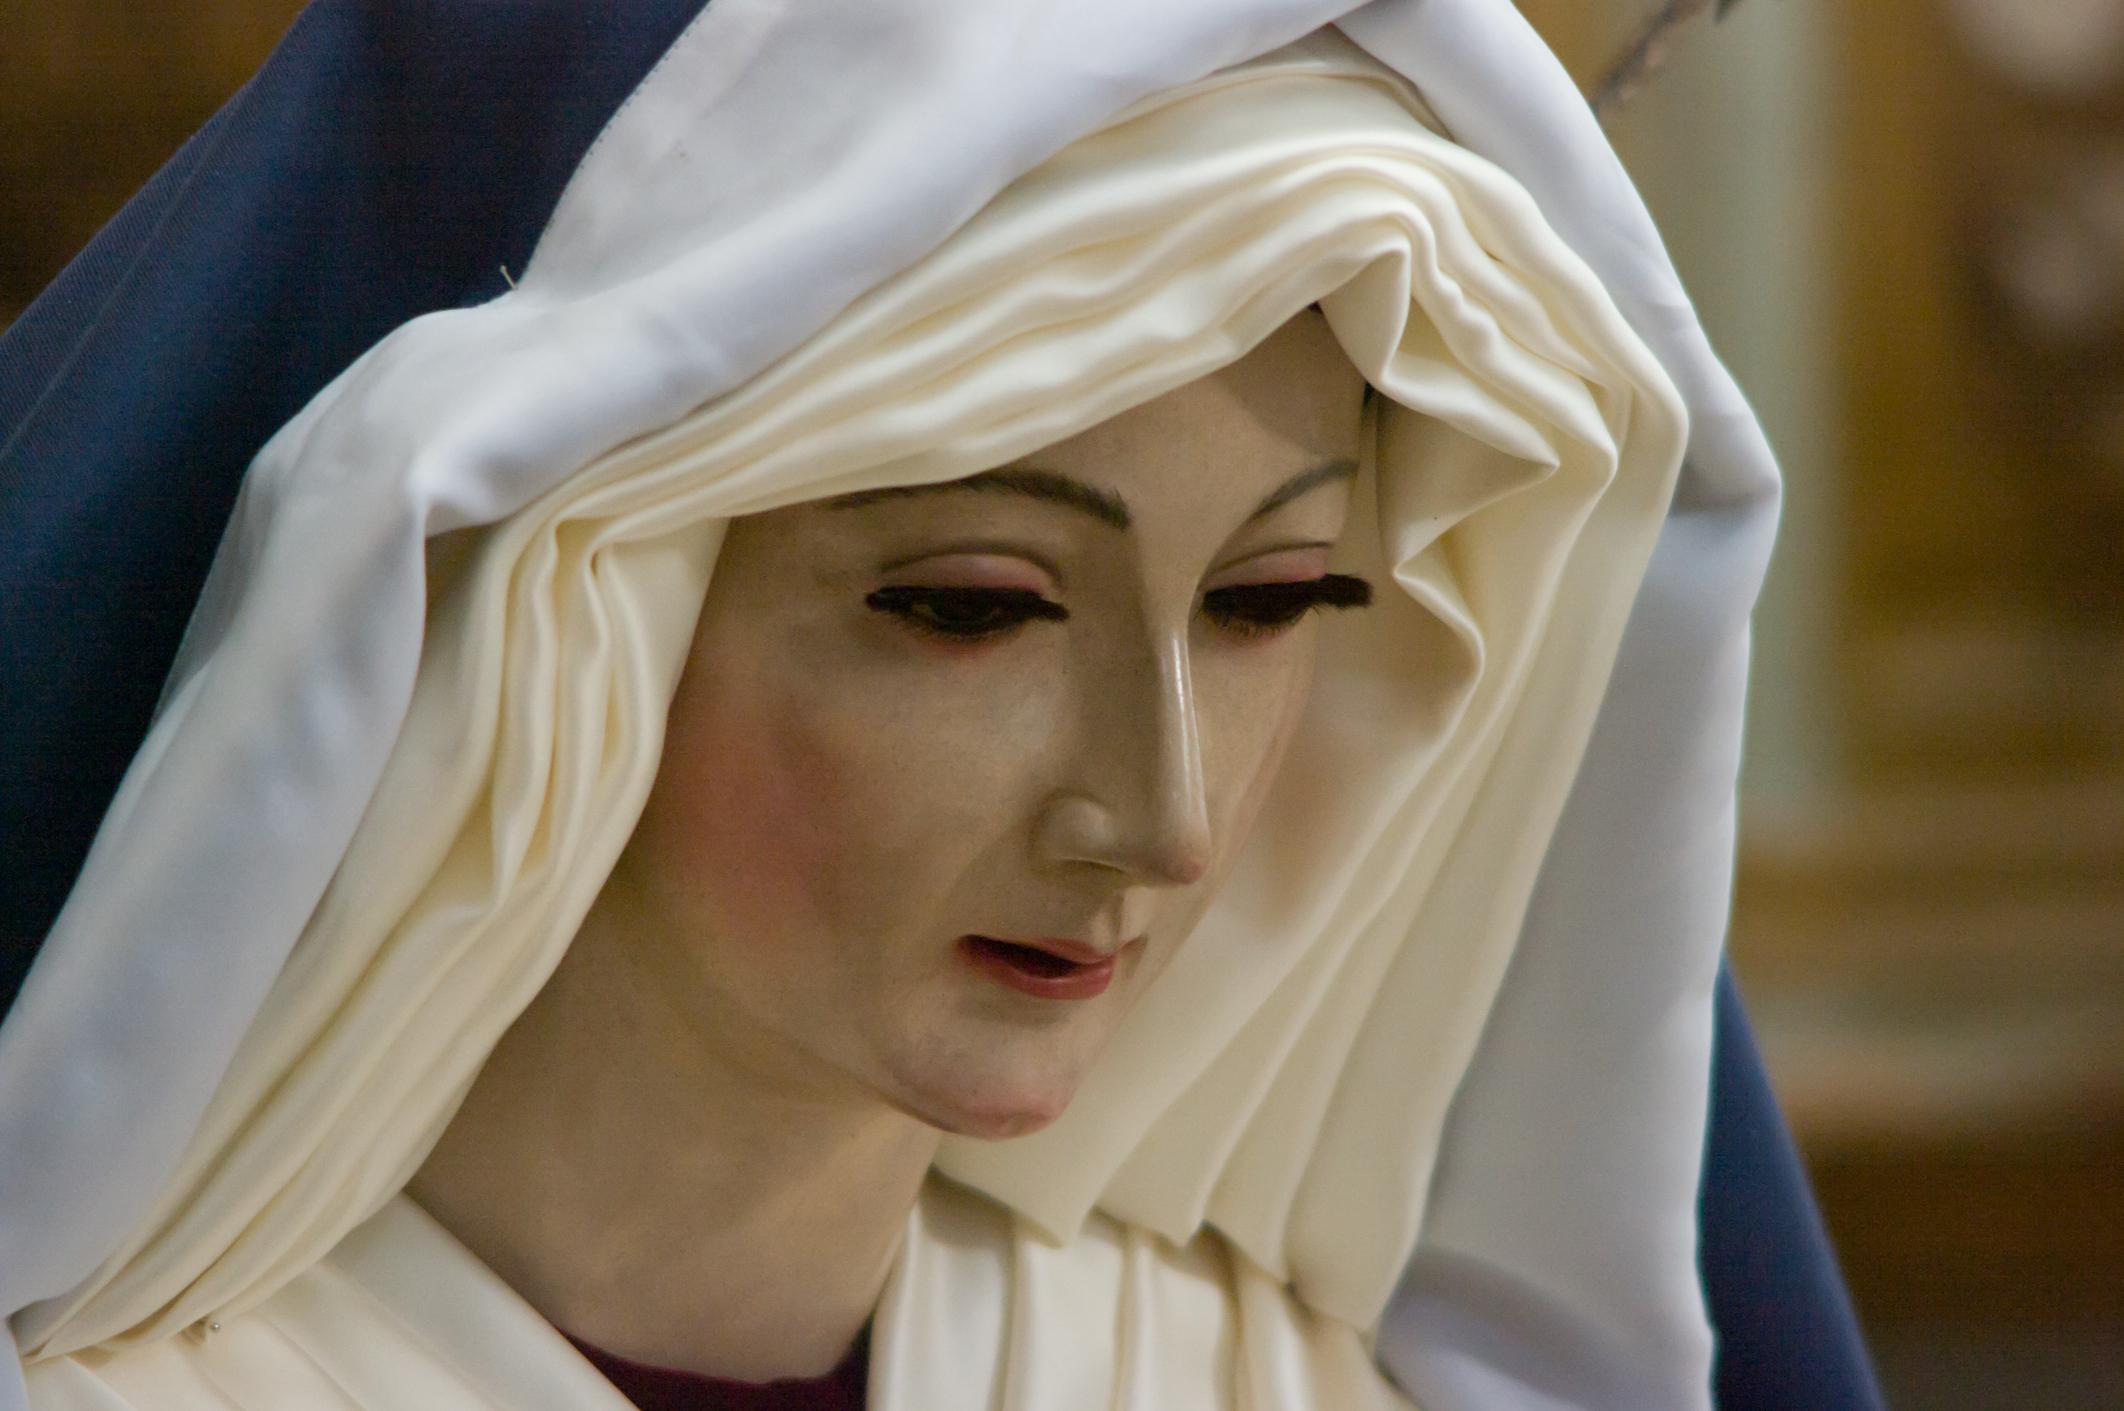 Semana Santa Subbética 2018 Priego de Córdoba Virgen de los desamparados